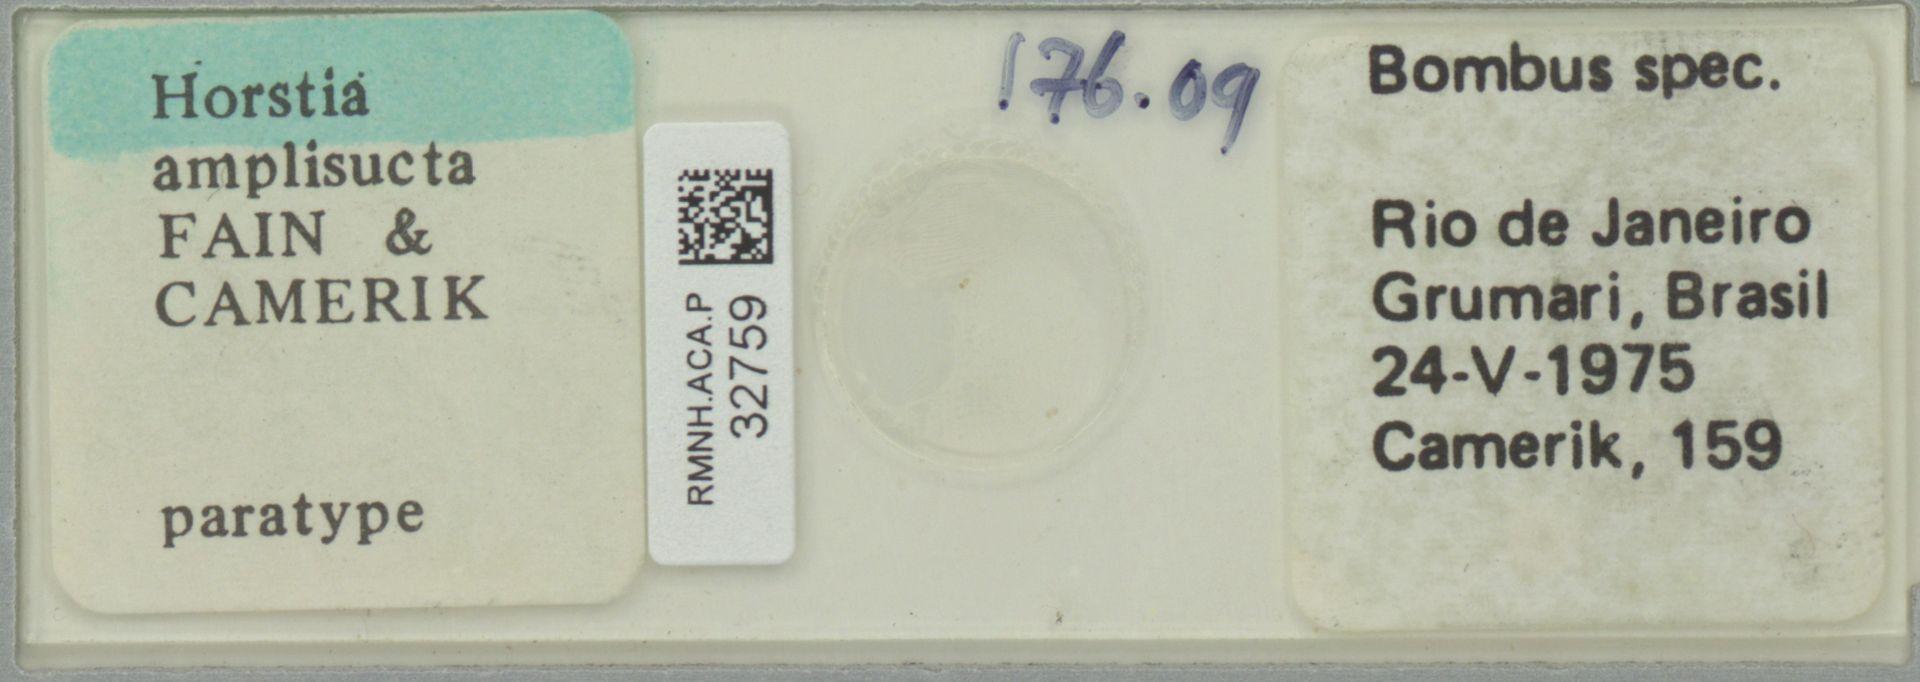 RMNH.ACA.P.32759 | Horstia amplisucta Fain & Camerik